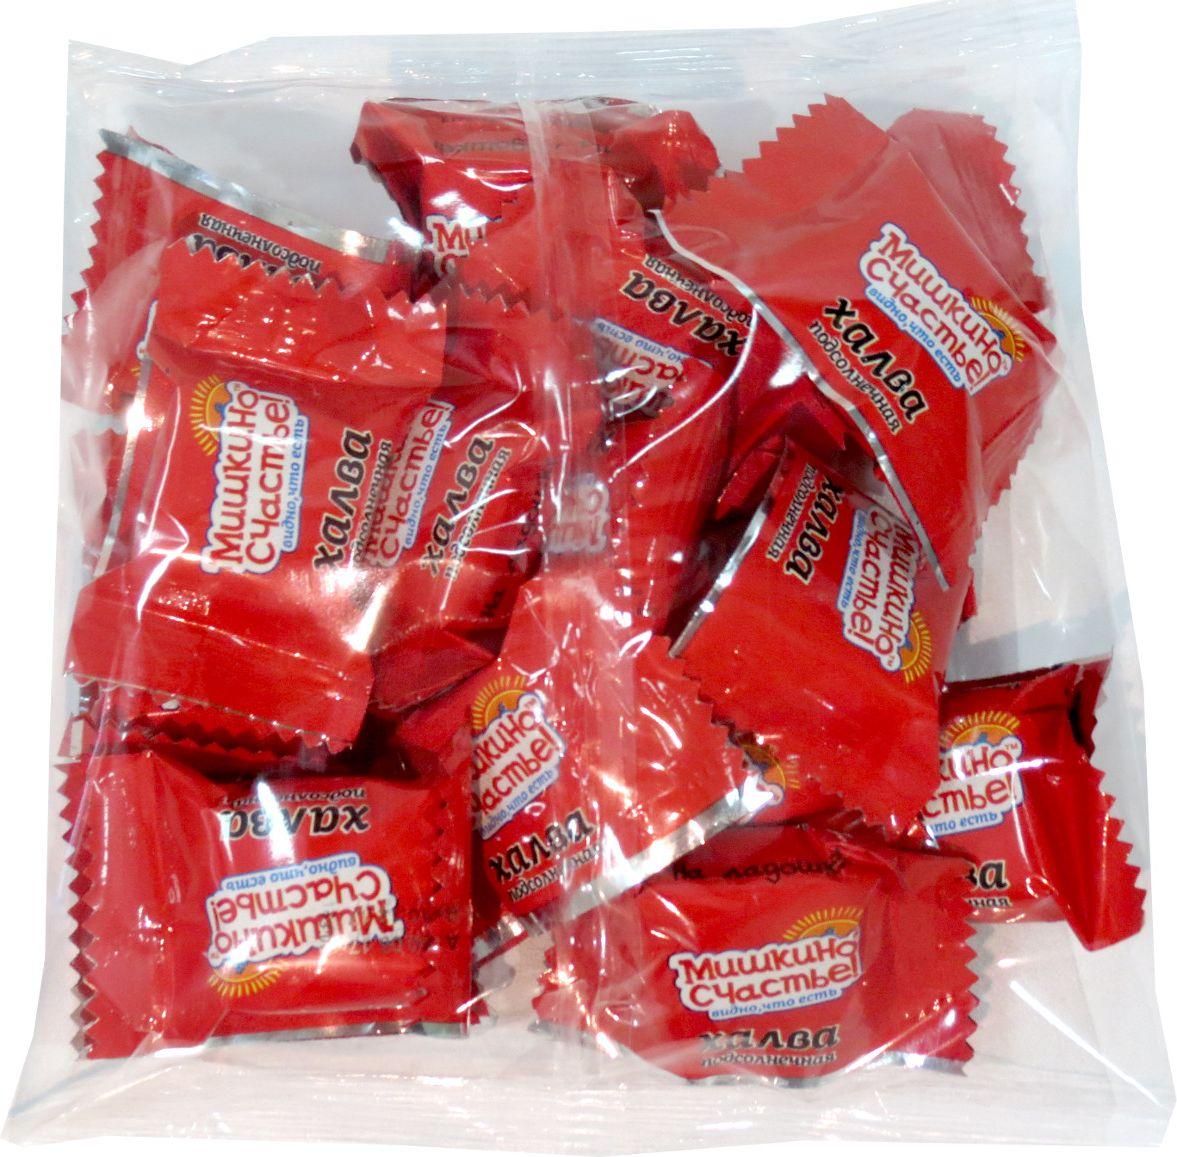 Мишкино счастье конфеты халва подсолнечная, 300 г4640012981308Тающая во рту конфета из нежнейшей халвы. Конфеты в удобной упаковке.